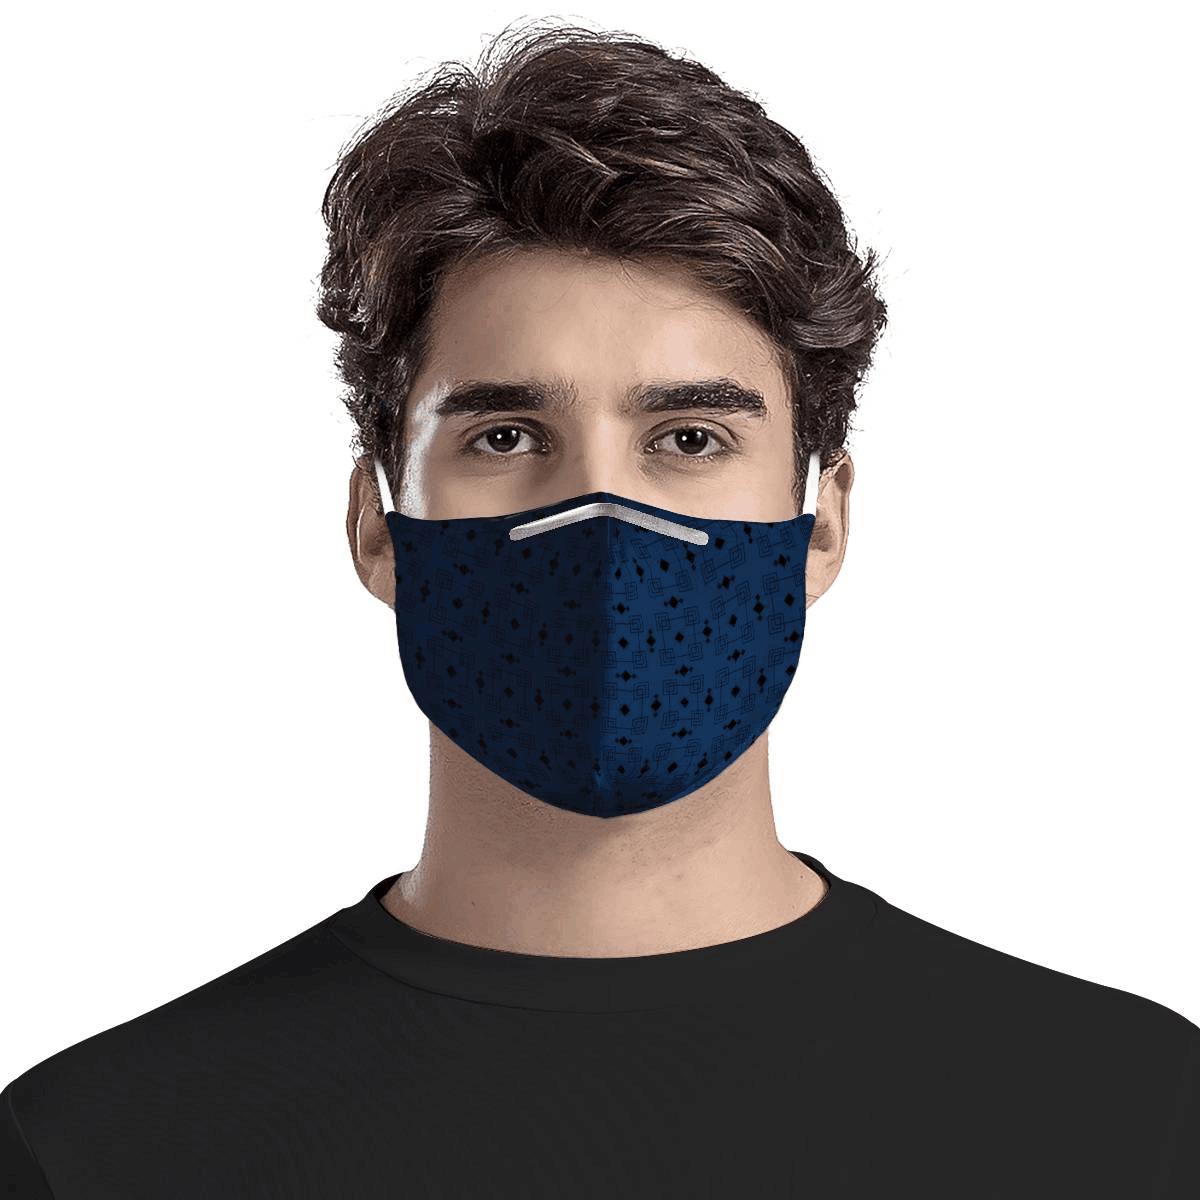 Lakeland's Mask Starter Pack 2